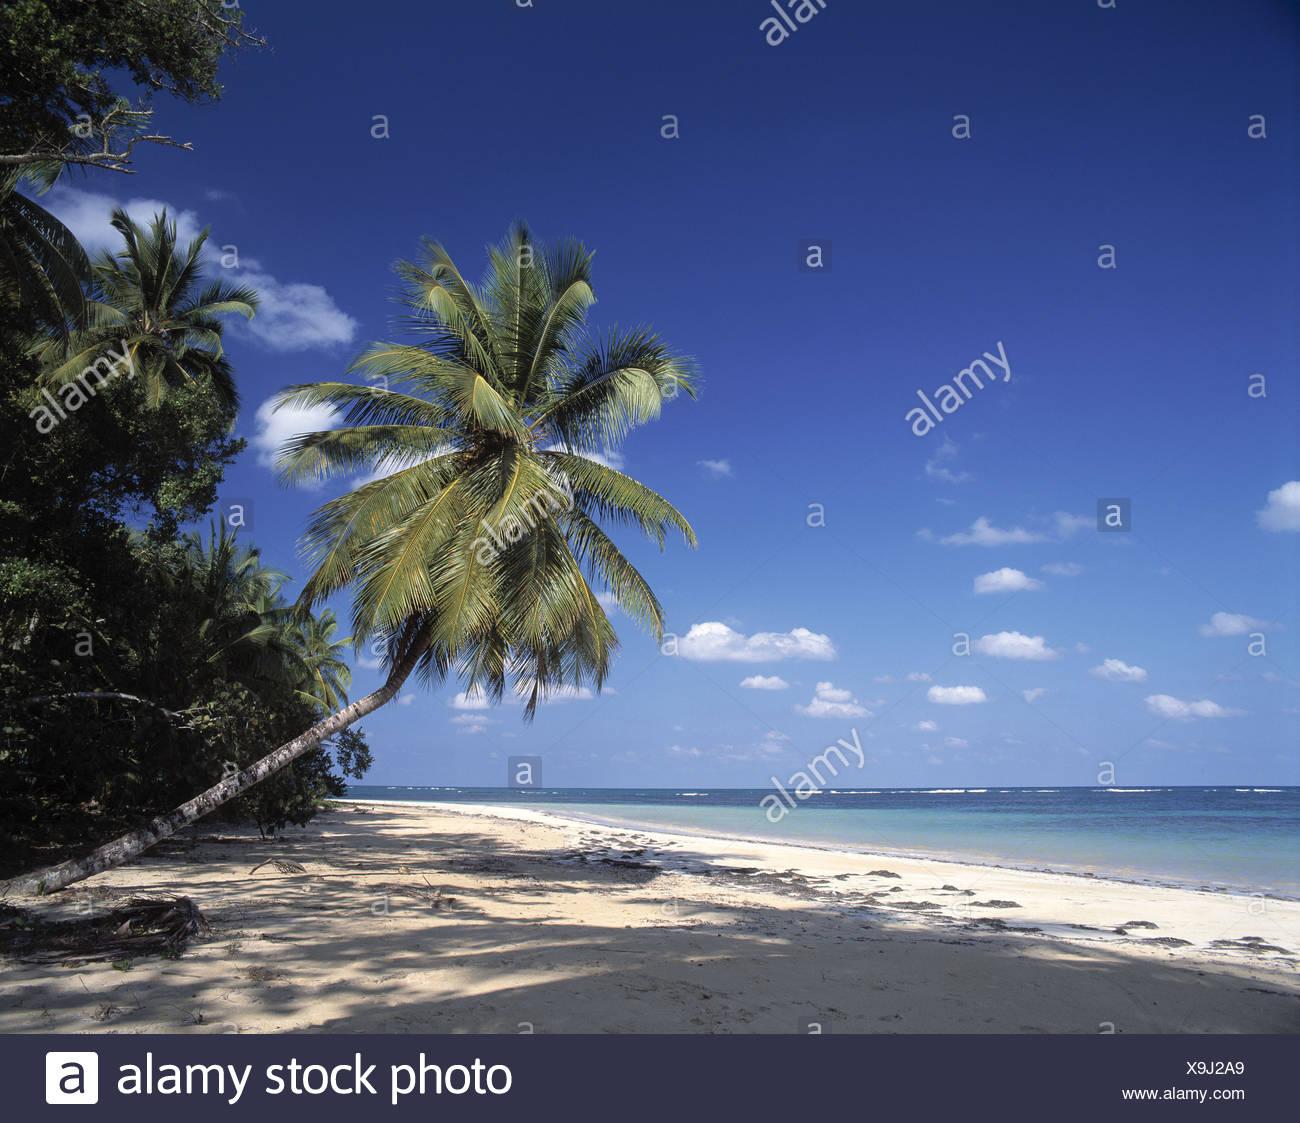 Dominikanische Republik Karibik Lesung Terrenas Meer Palmen Palmen